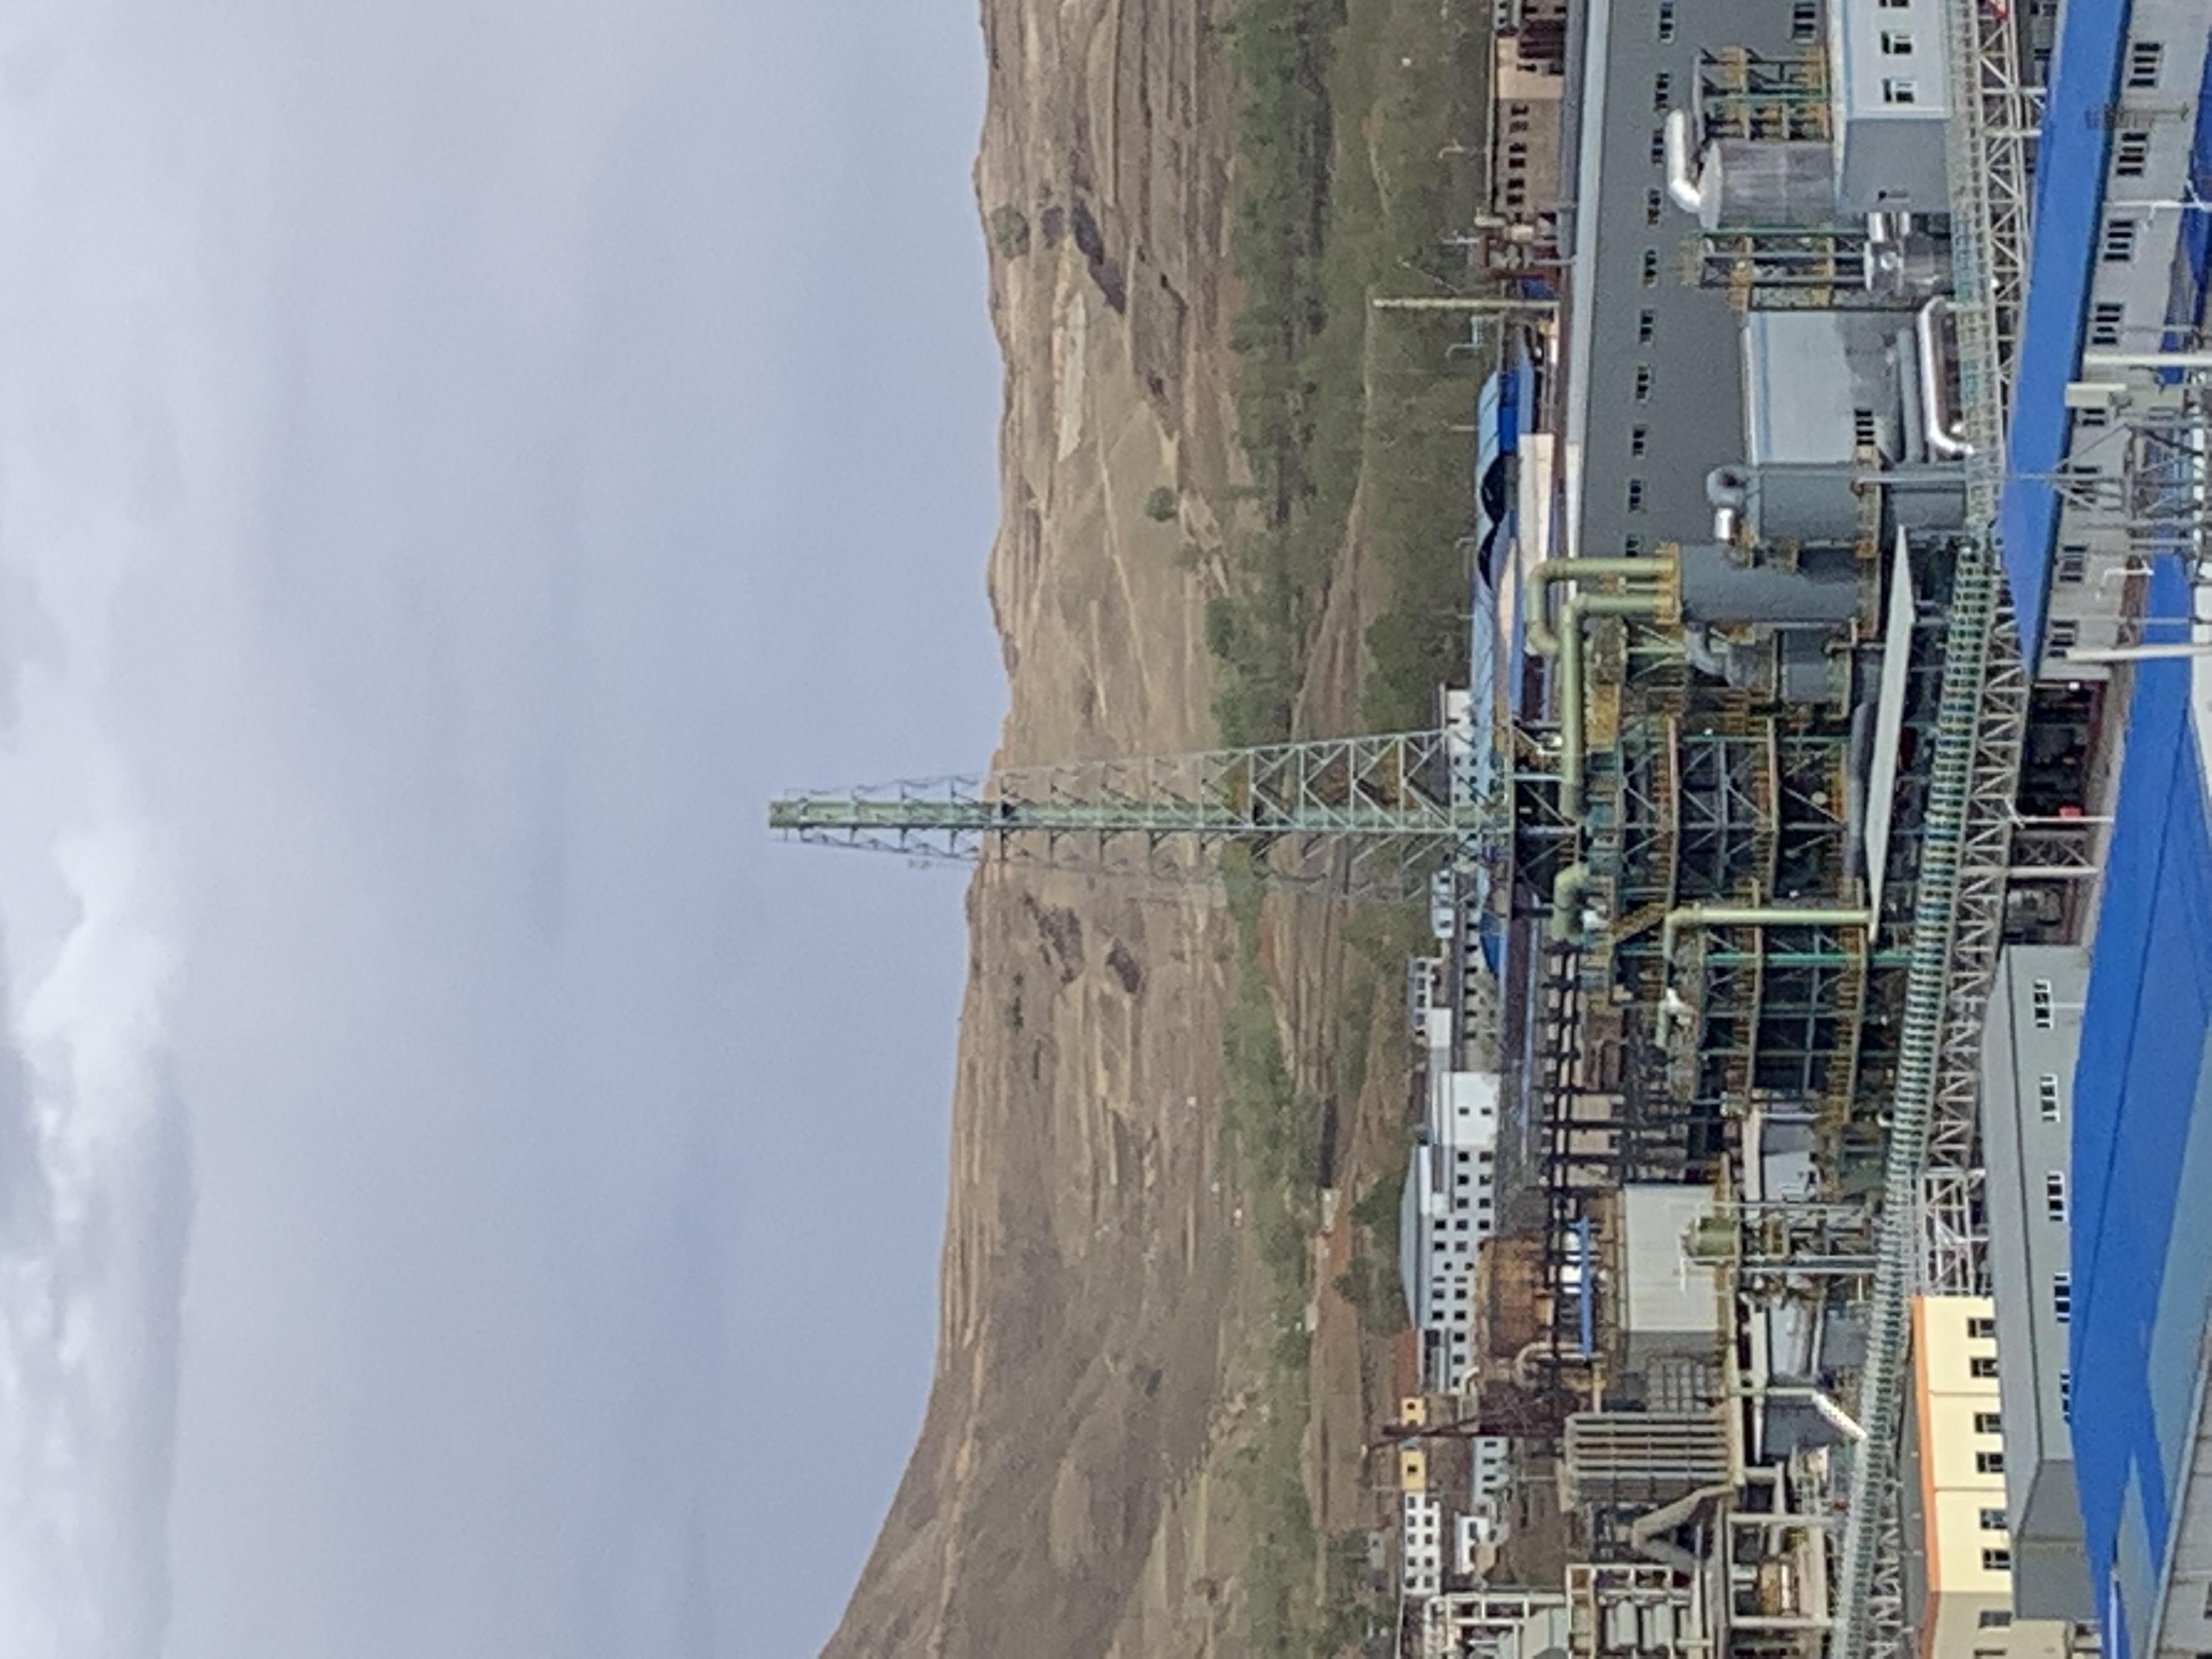 西部矿业青海湘和有色金属有限公司超低温脱硝项目